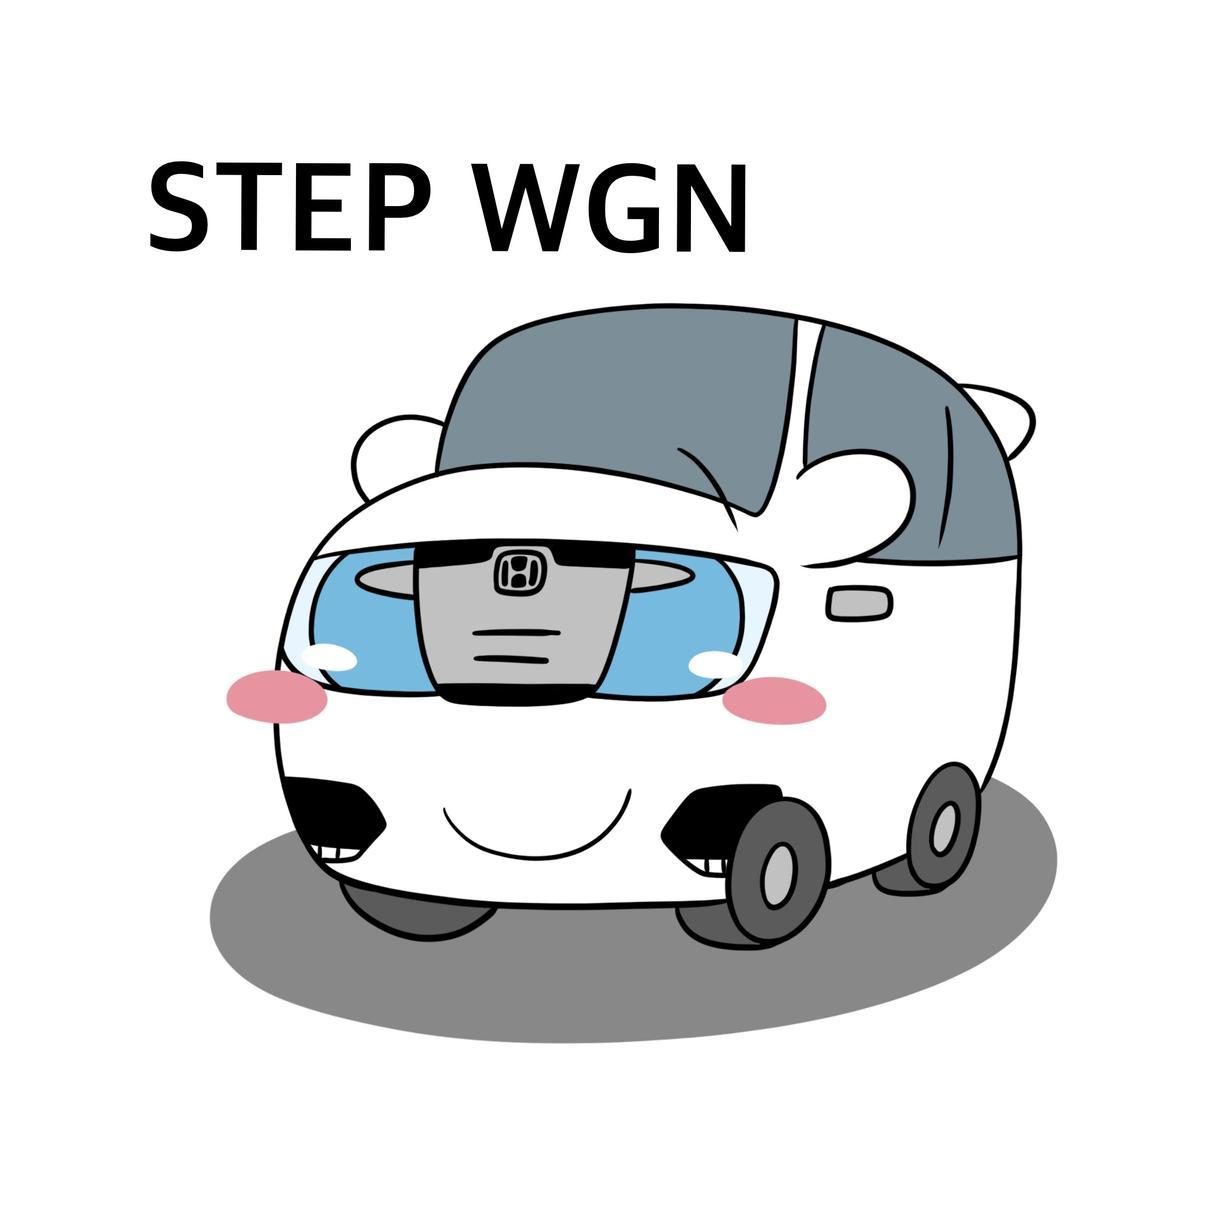 あのかっこいい車も丸く可愛くします あなたの愛車をキャラクターにしちゃいます!